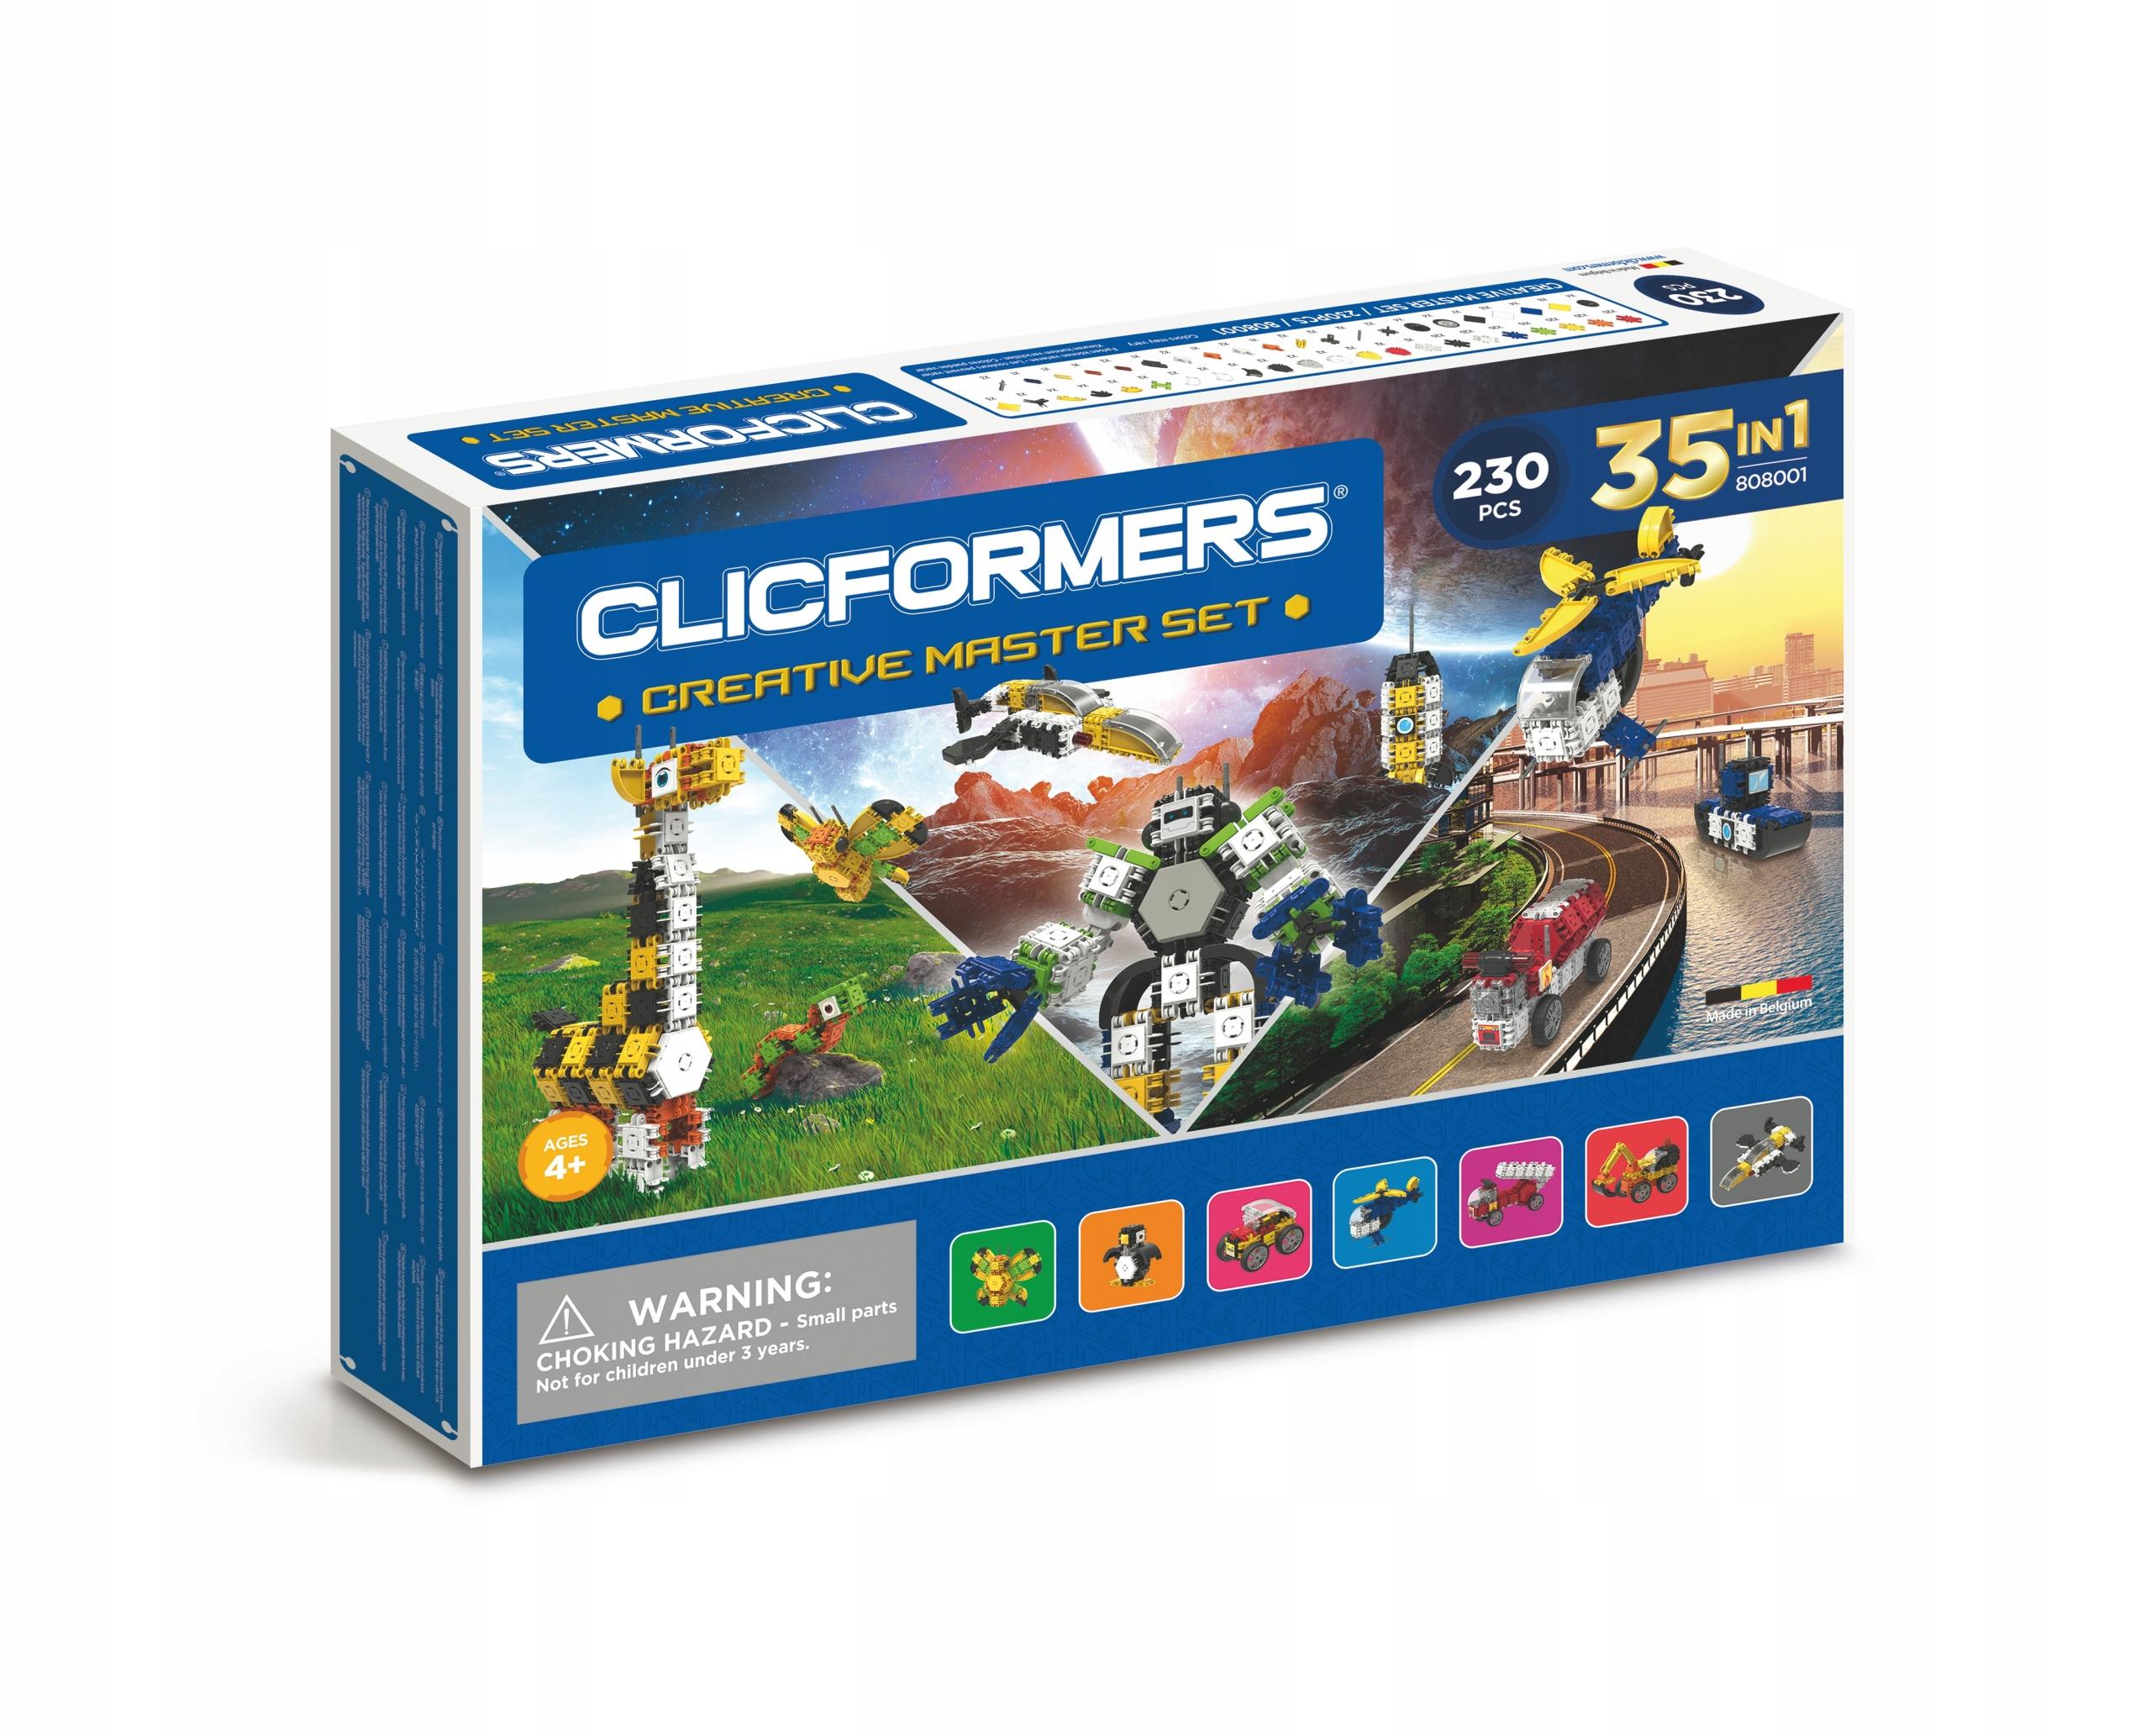 CLICFORMERS Creative Master Set bloky 230 el.